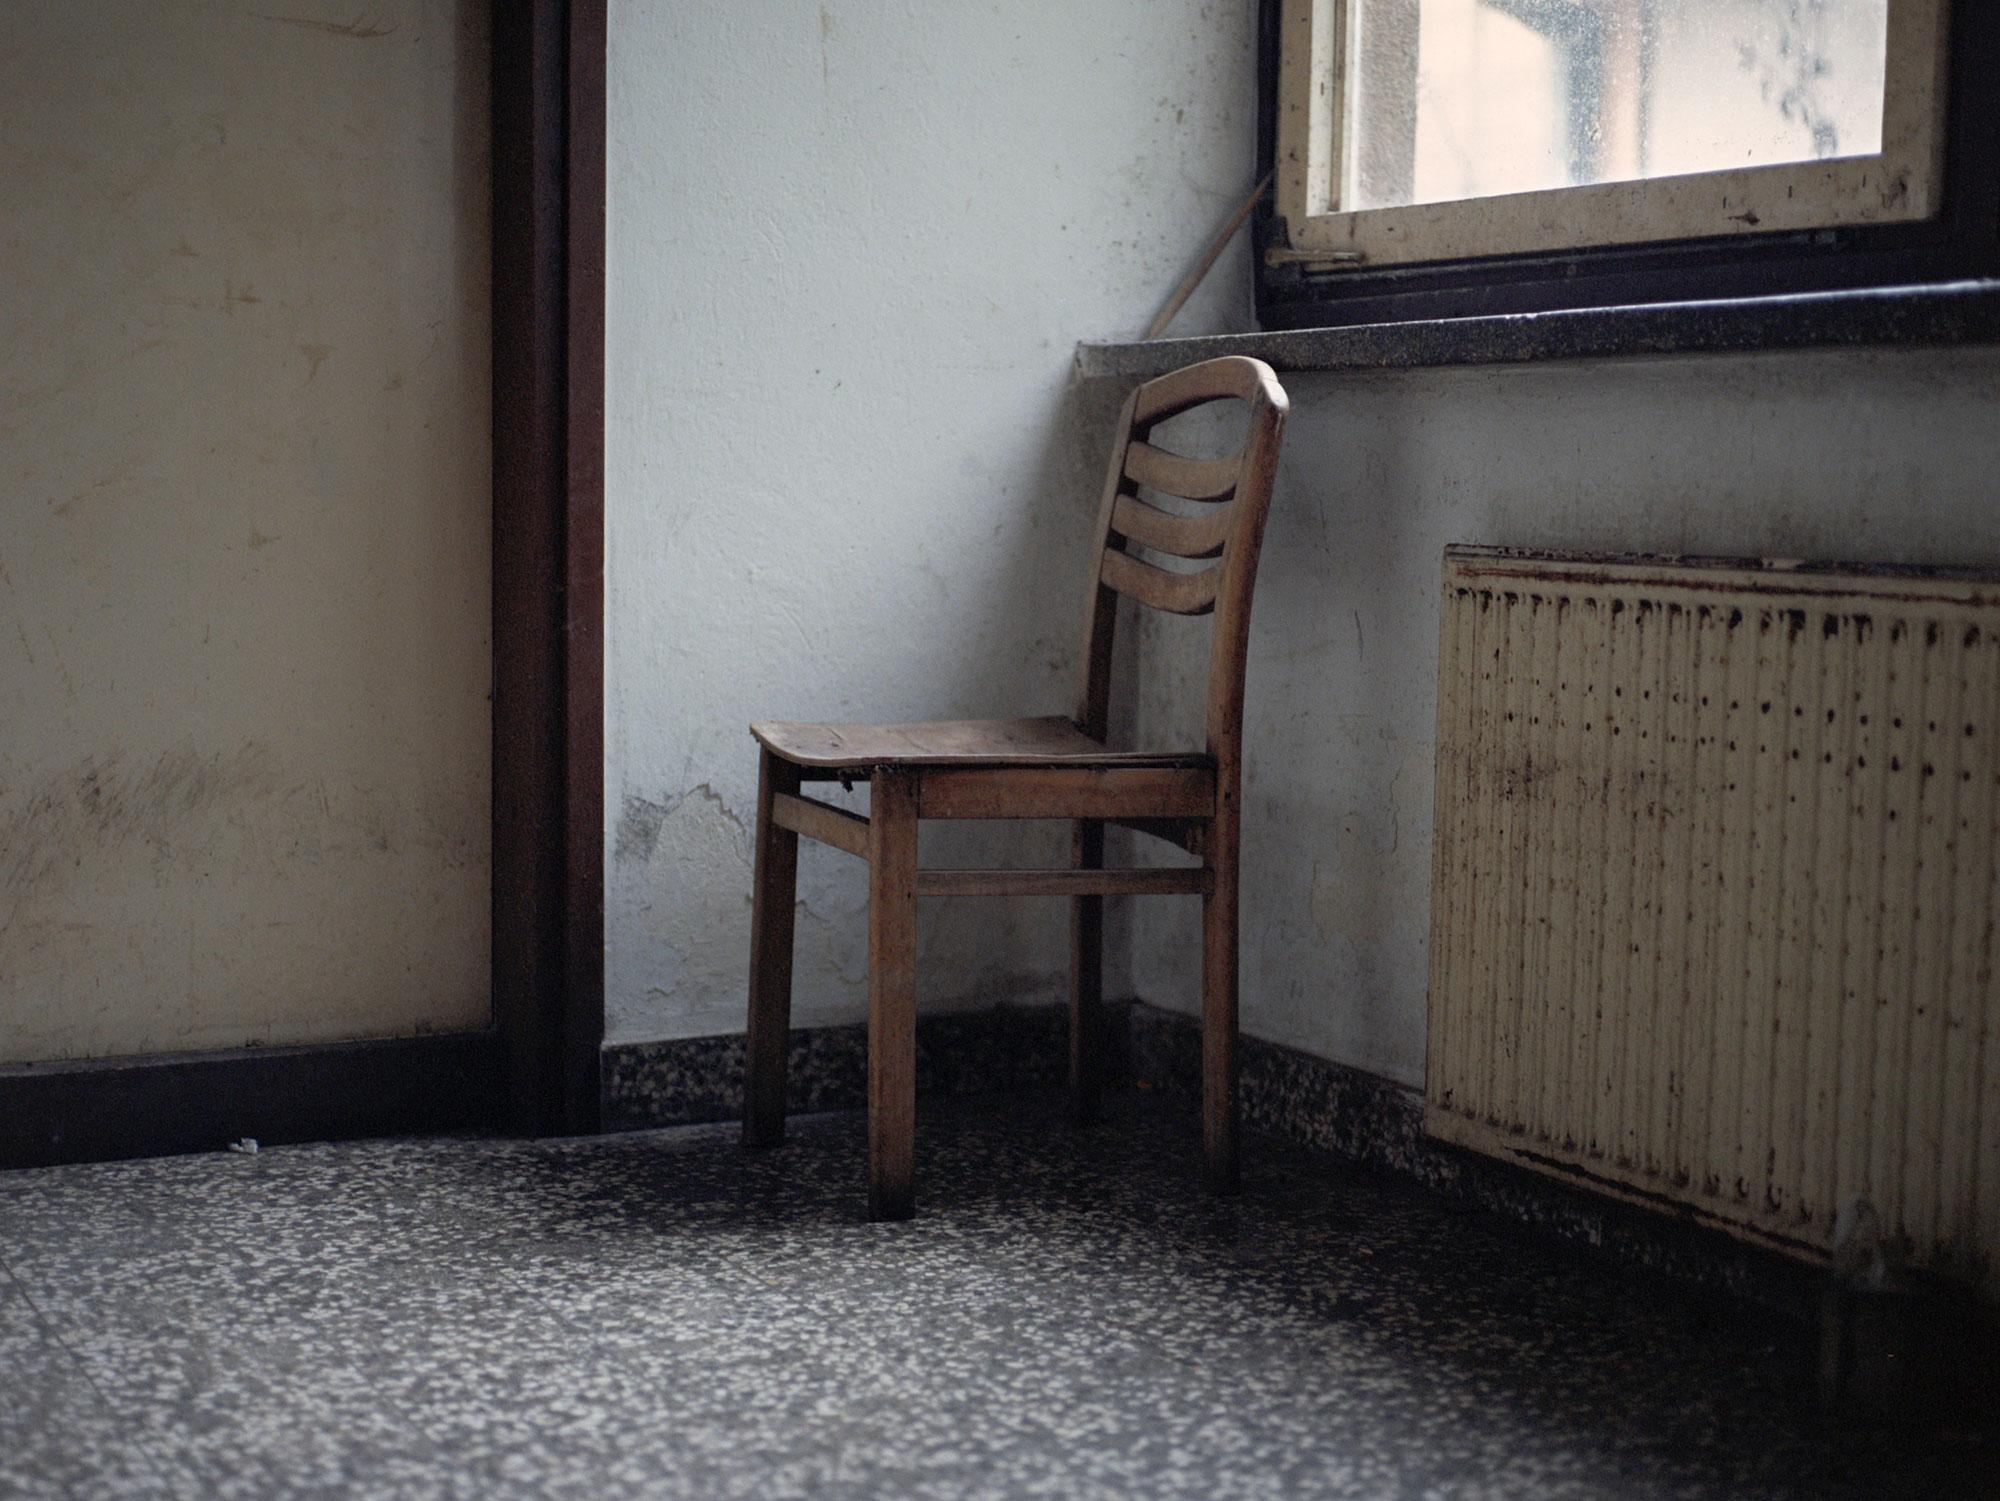 Foto van stoel in kamer